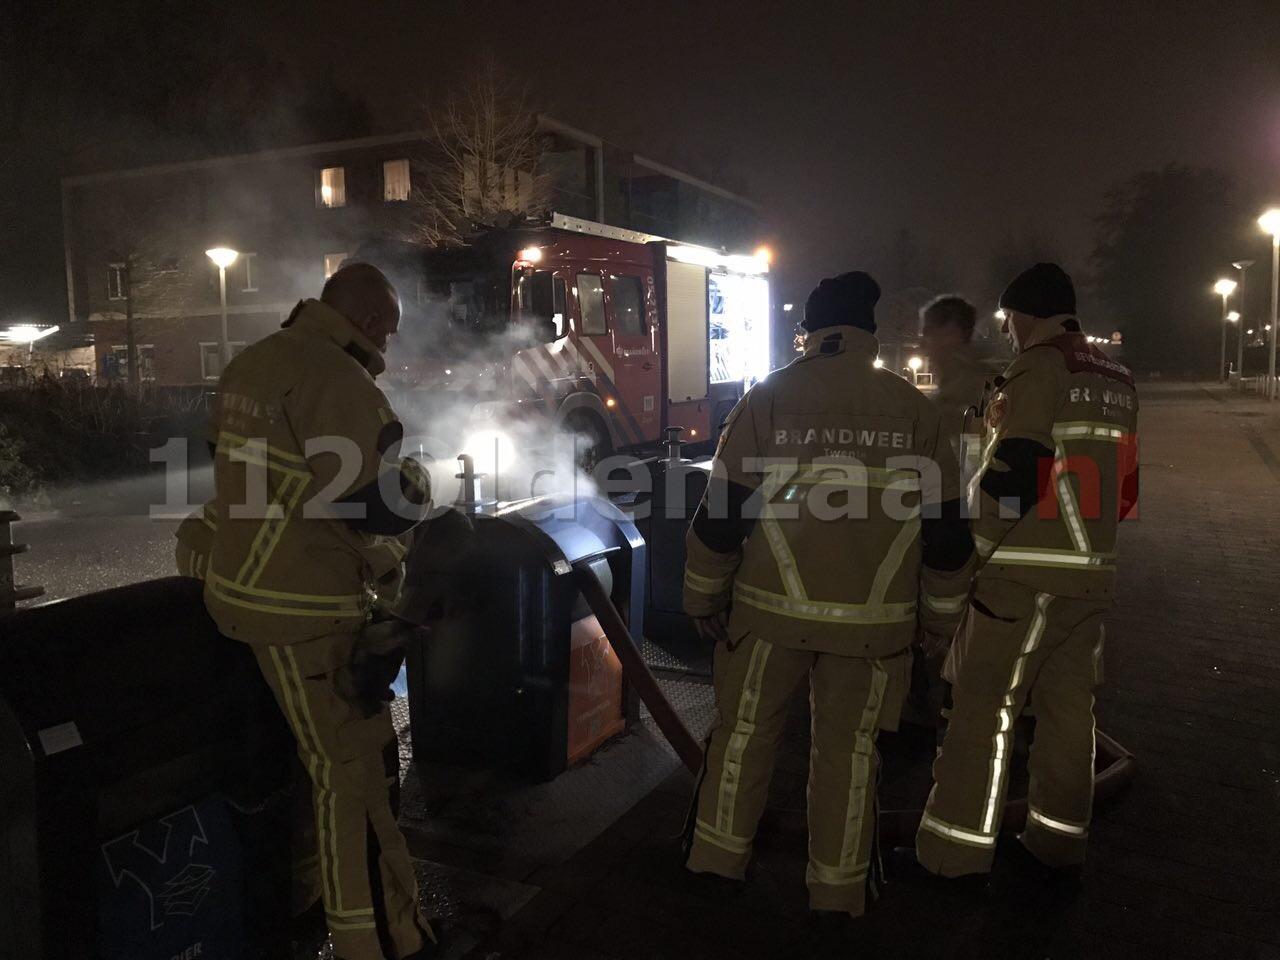 Foto: Brandweer Oldenzaal rukt uit voor brand in ondergrondse container